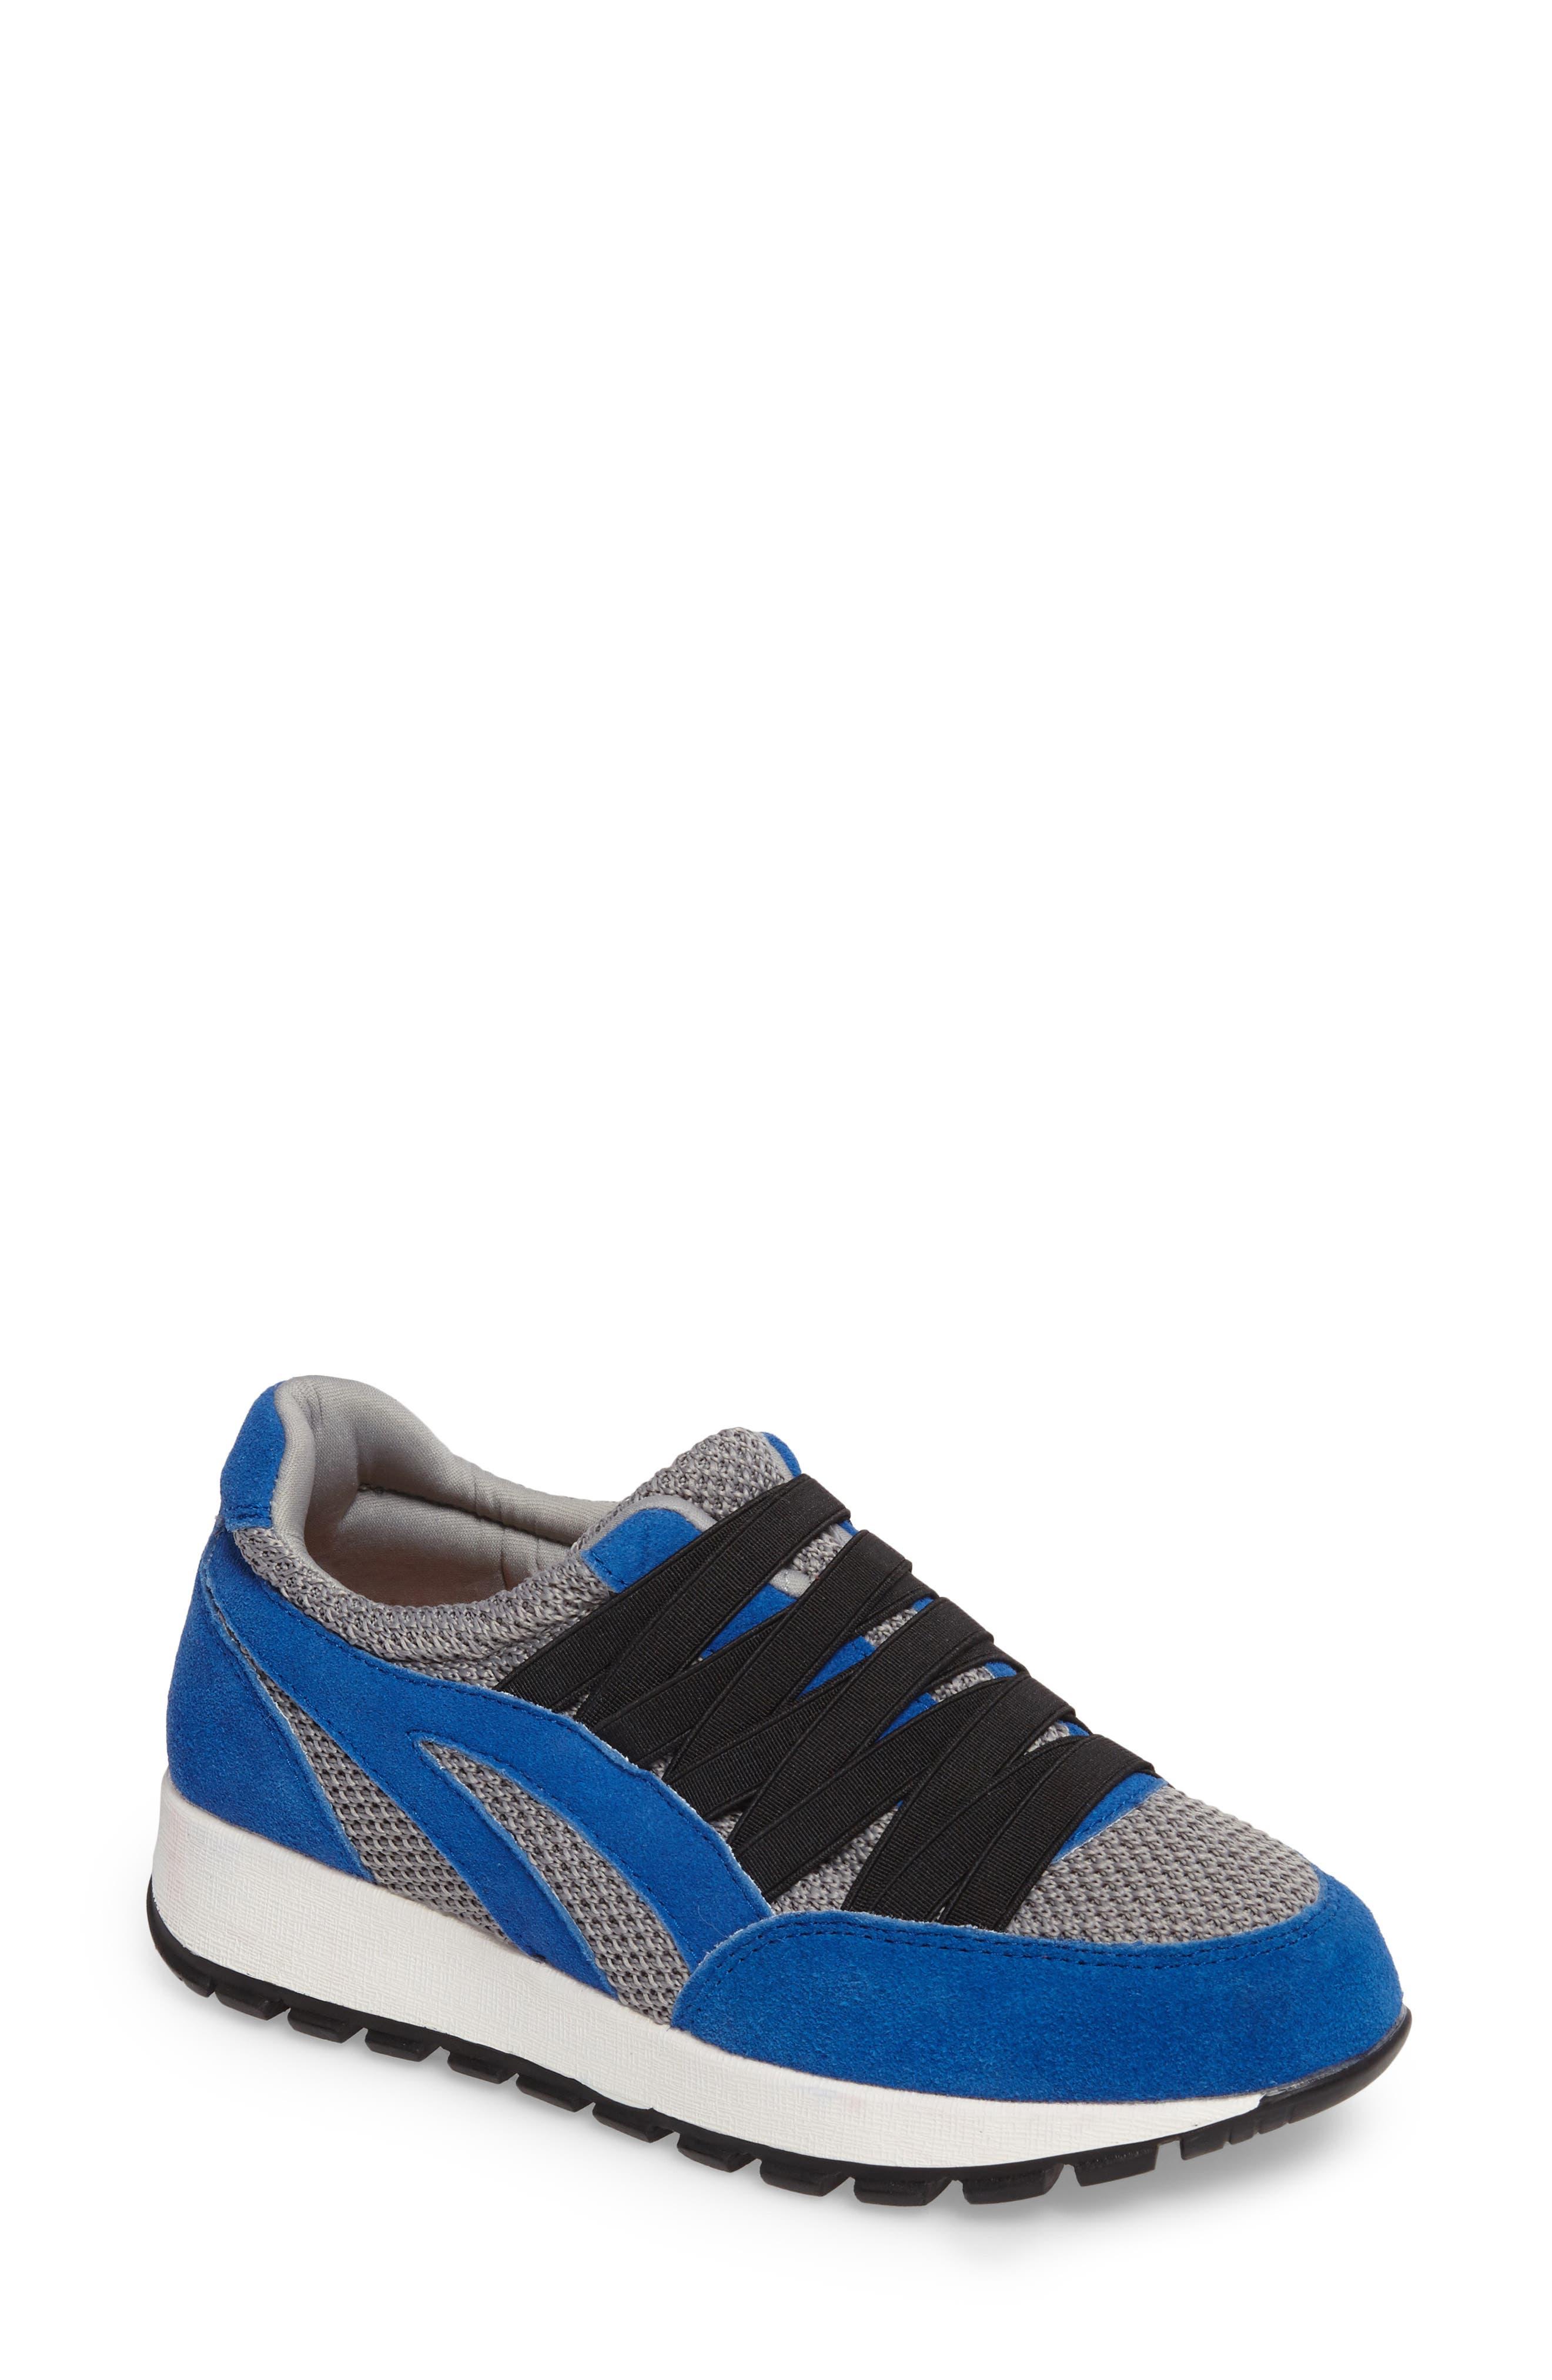 Bernie Mev Tara Cano Sneaker,                             Main thumbnail 1, color,                             ROYAL BLUE/ GREY FABRIC